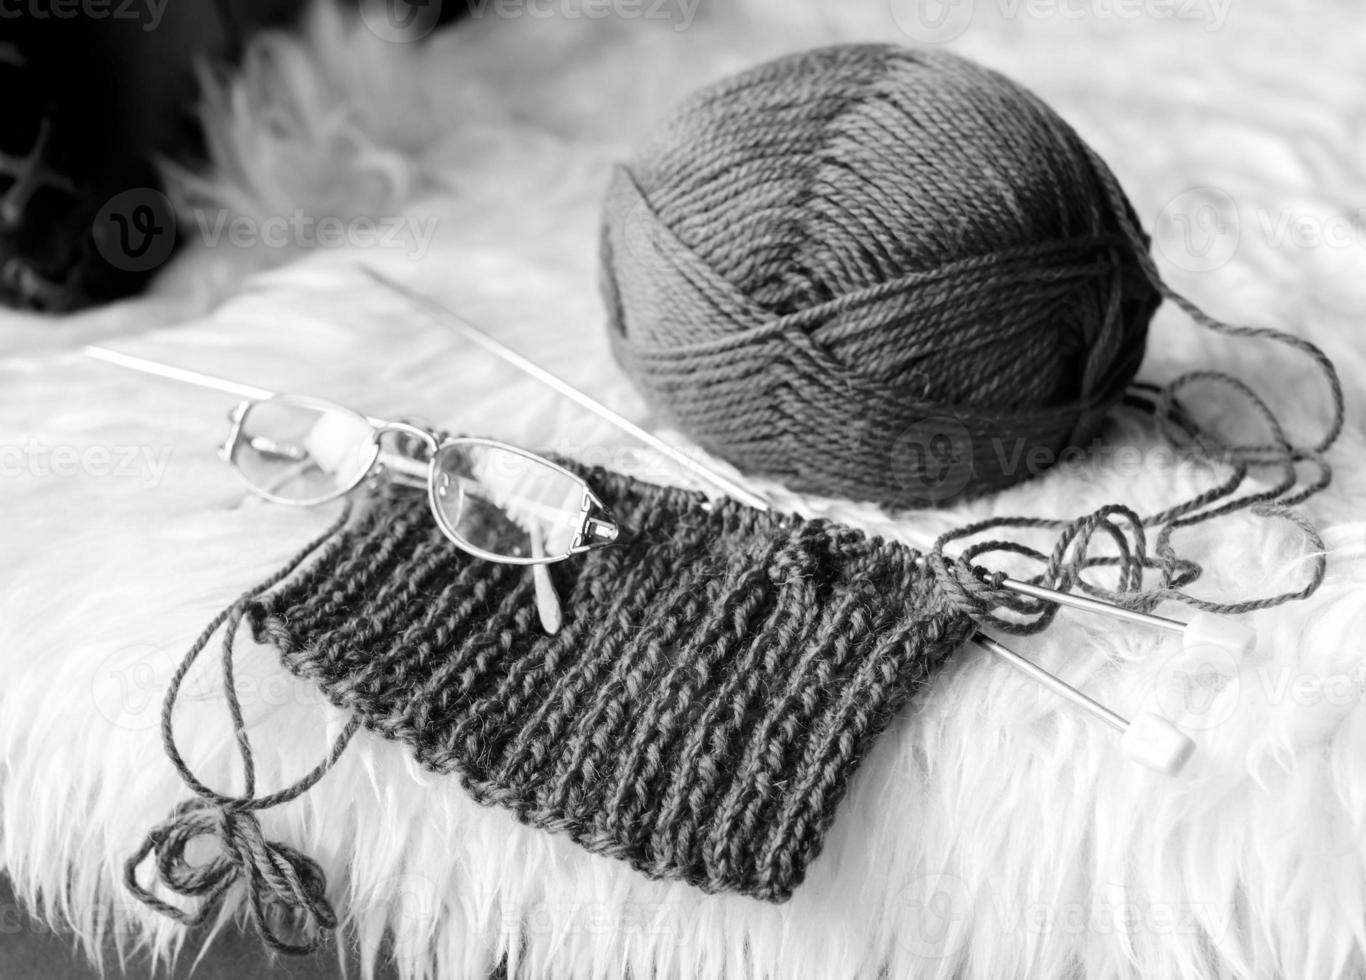 Stricken zu Hause in schwarz und weiß foto